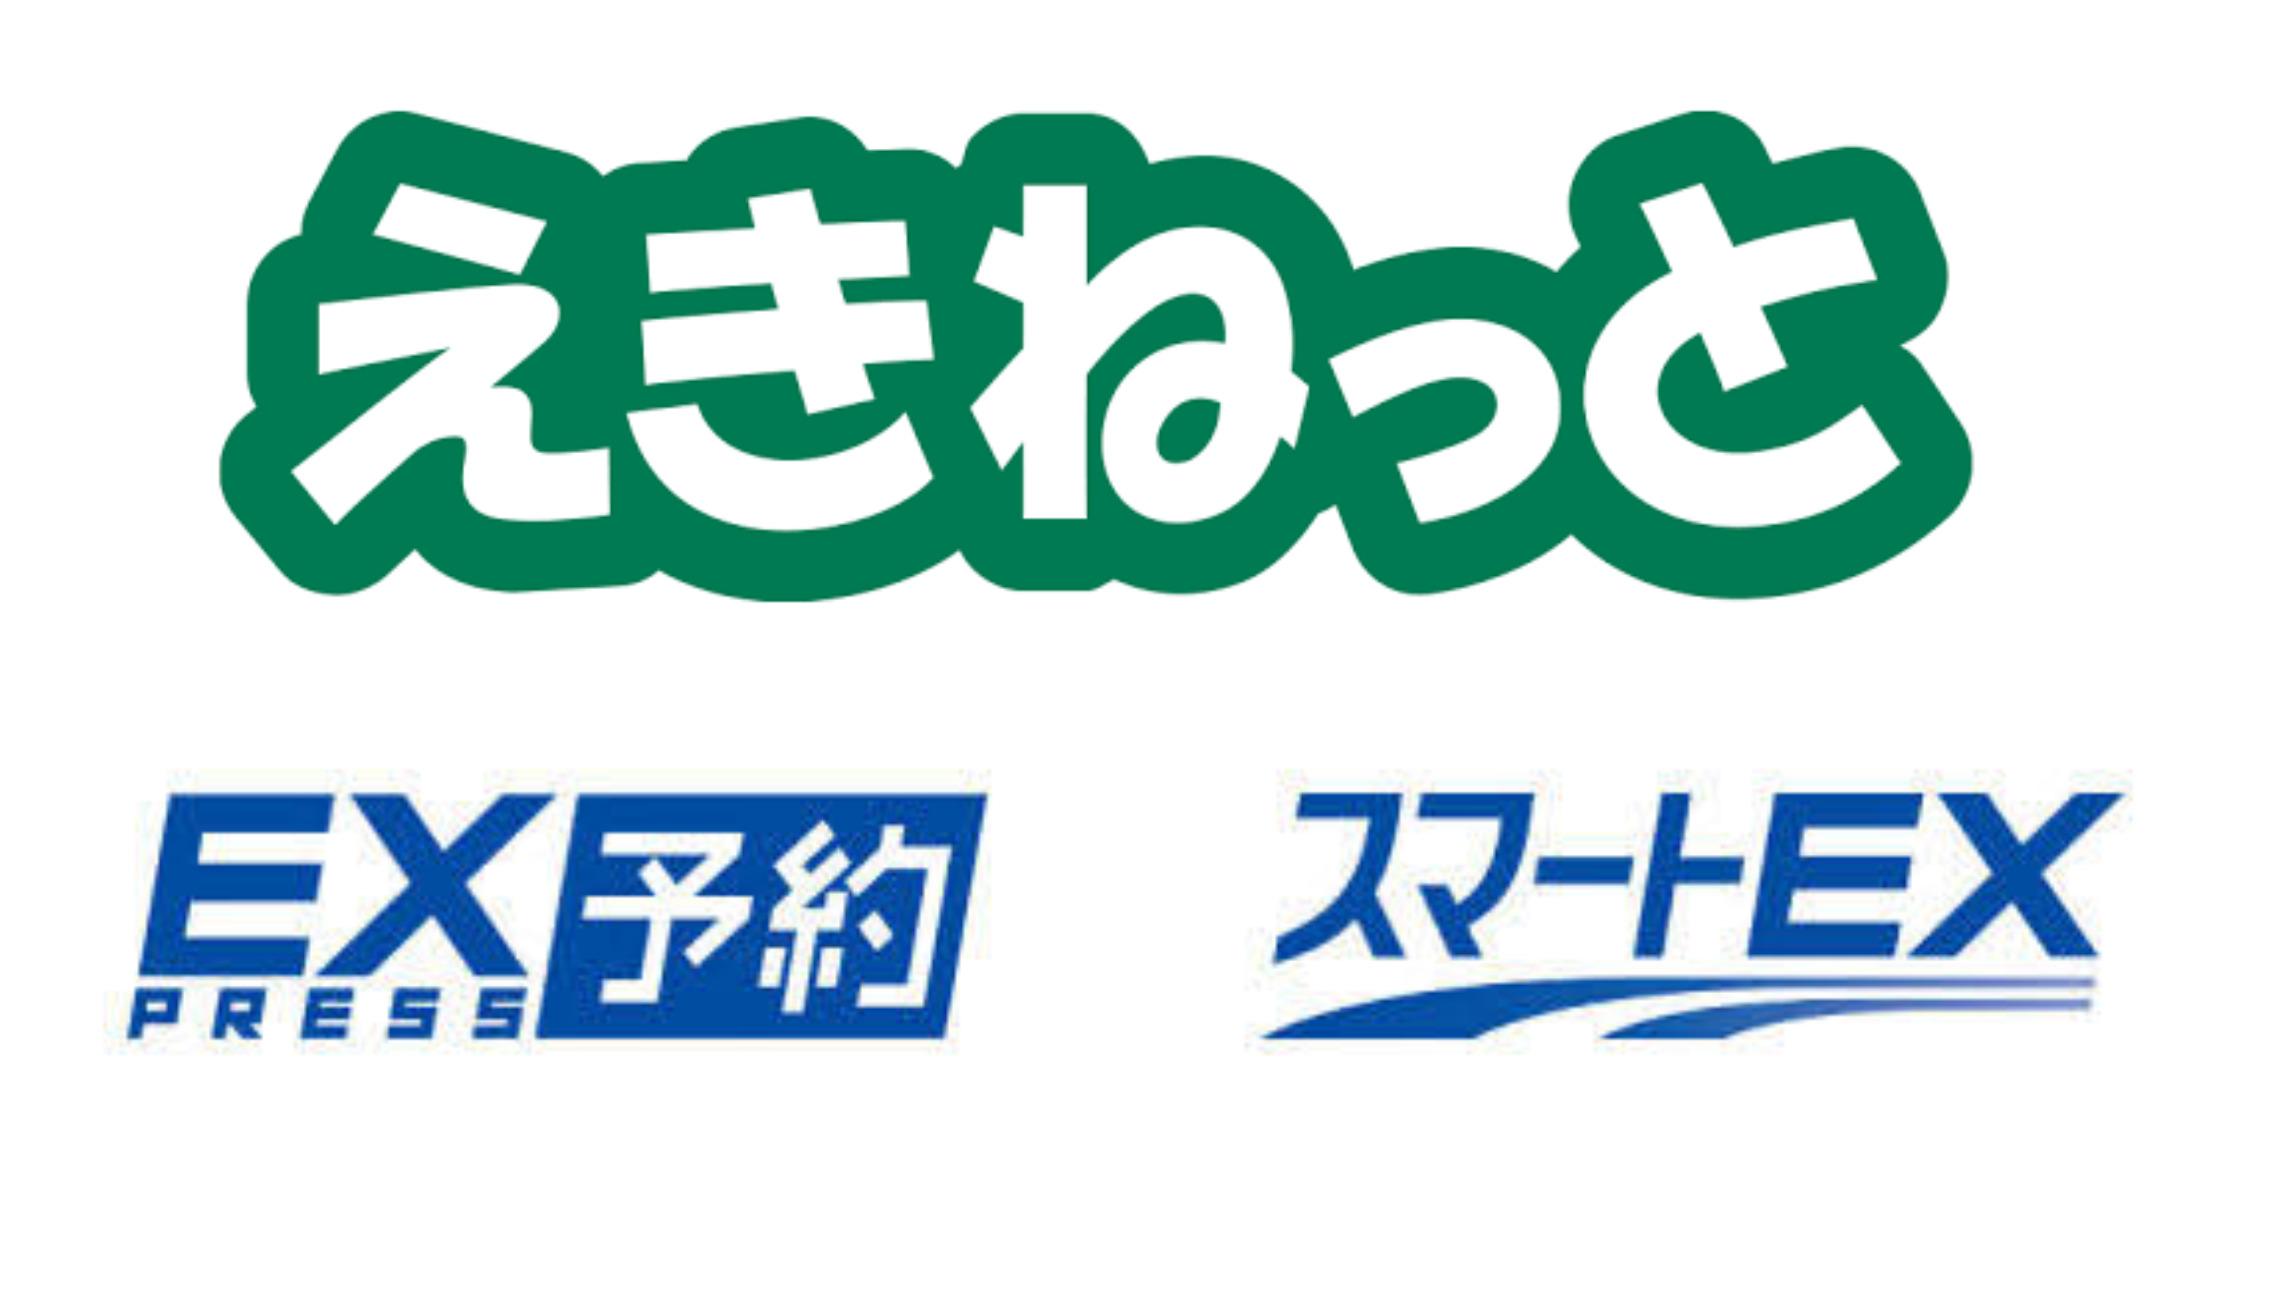 【革新的】JR東日本「えきねっと」×JR東海「EXサービス」の相互受取が可能に